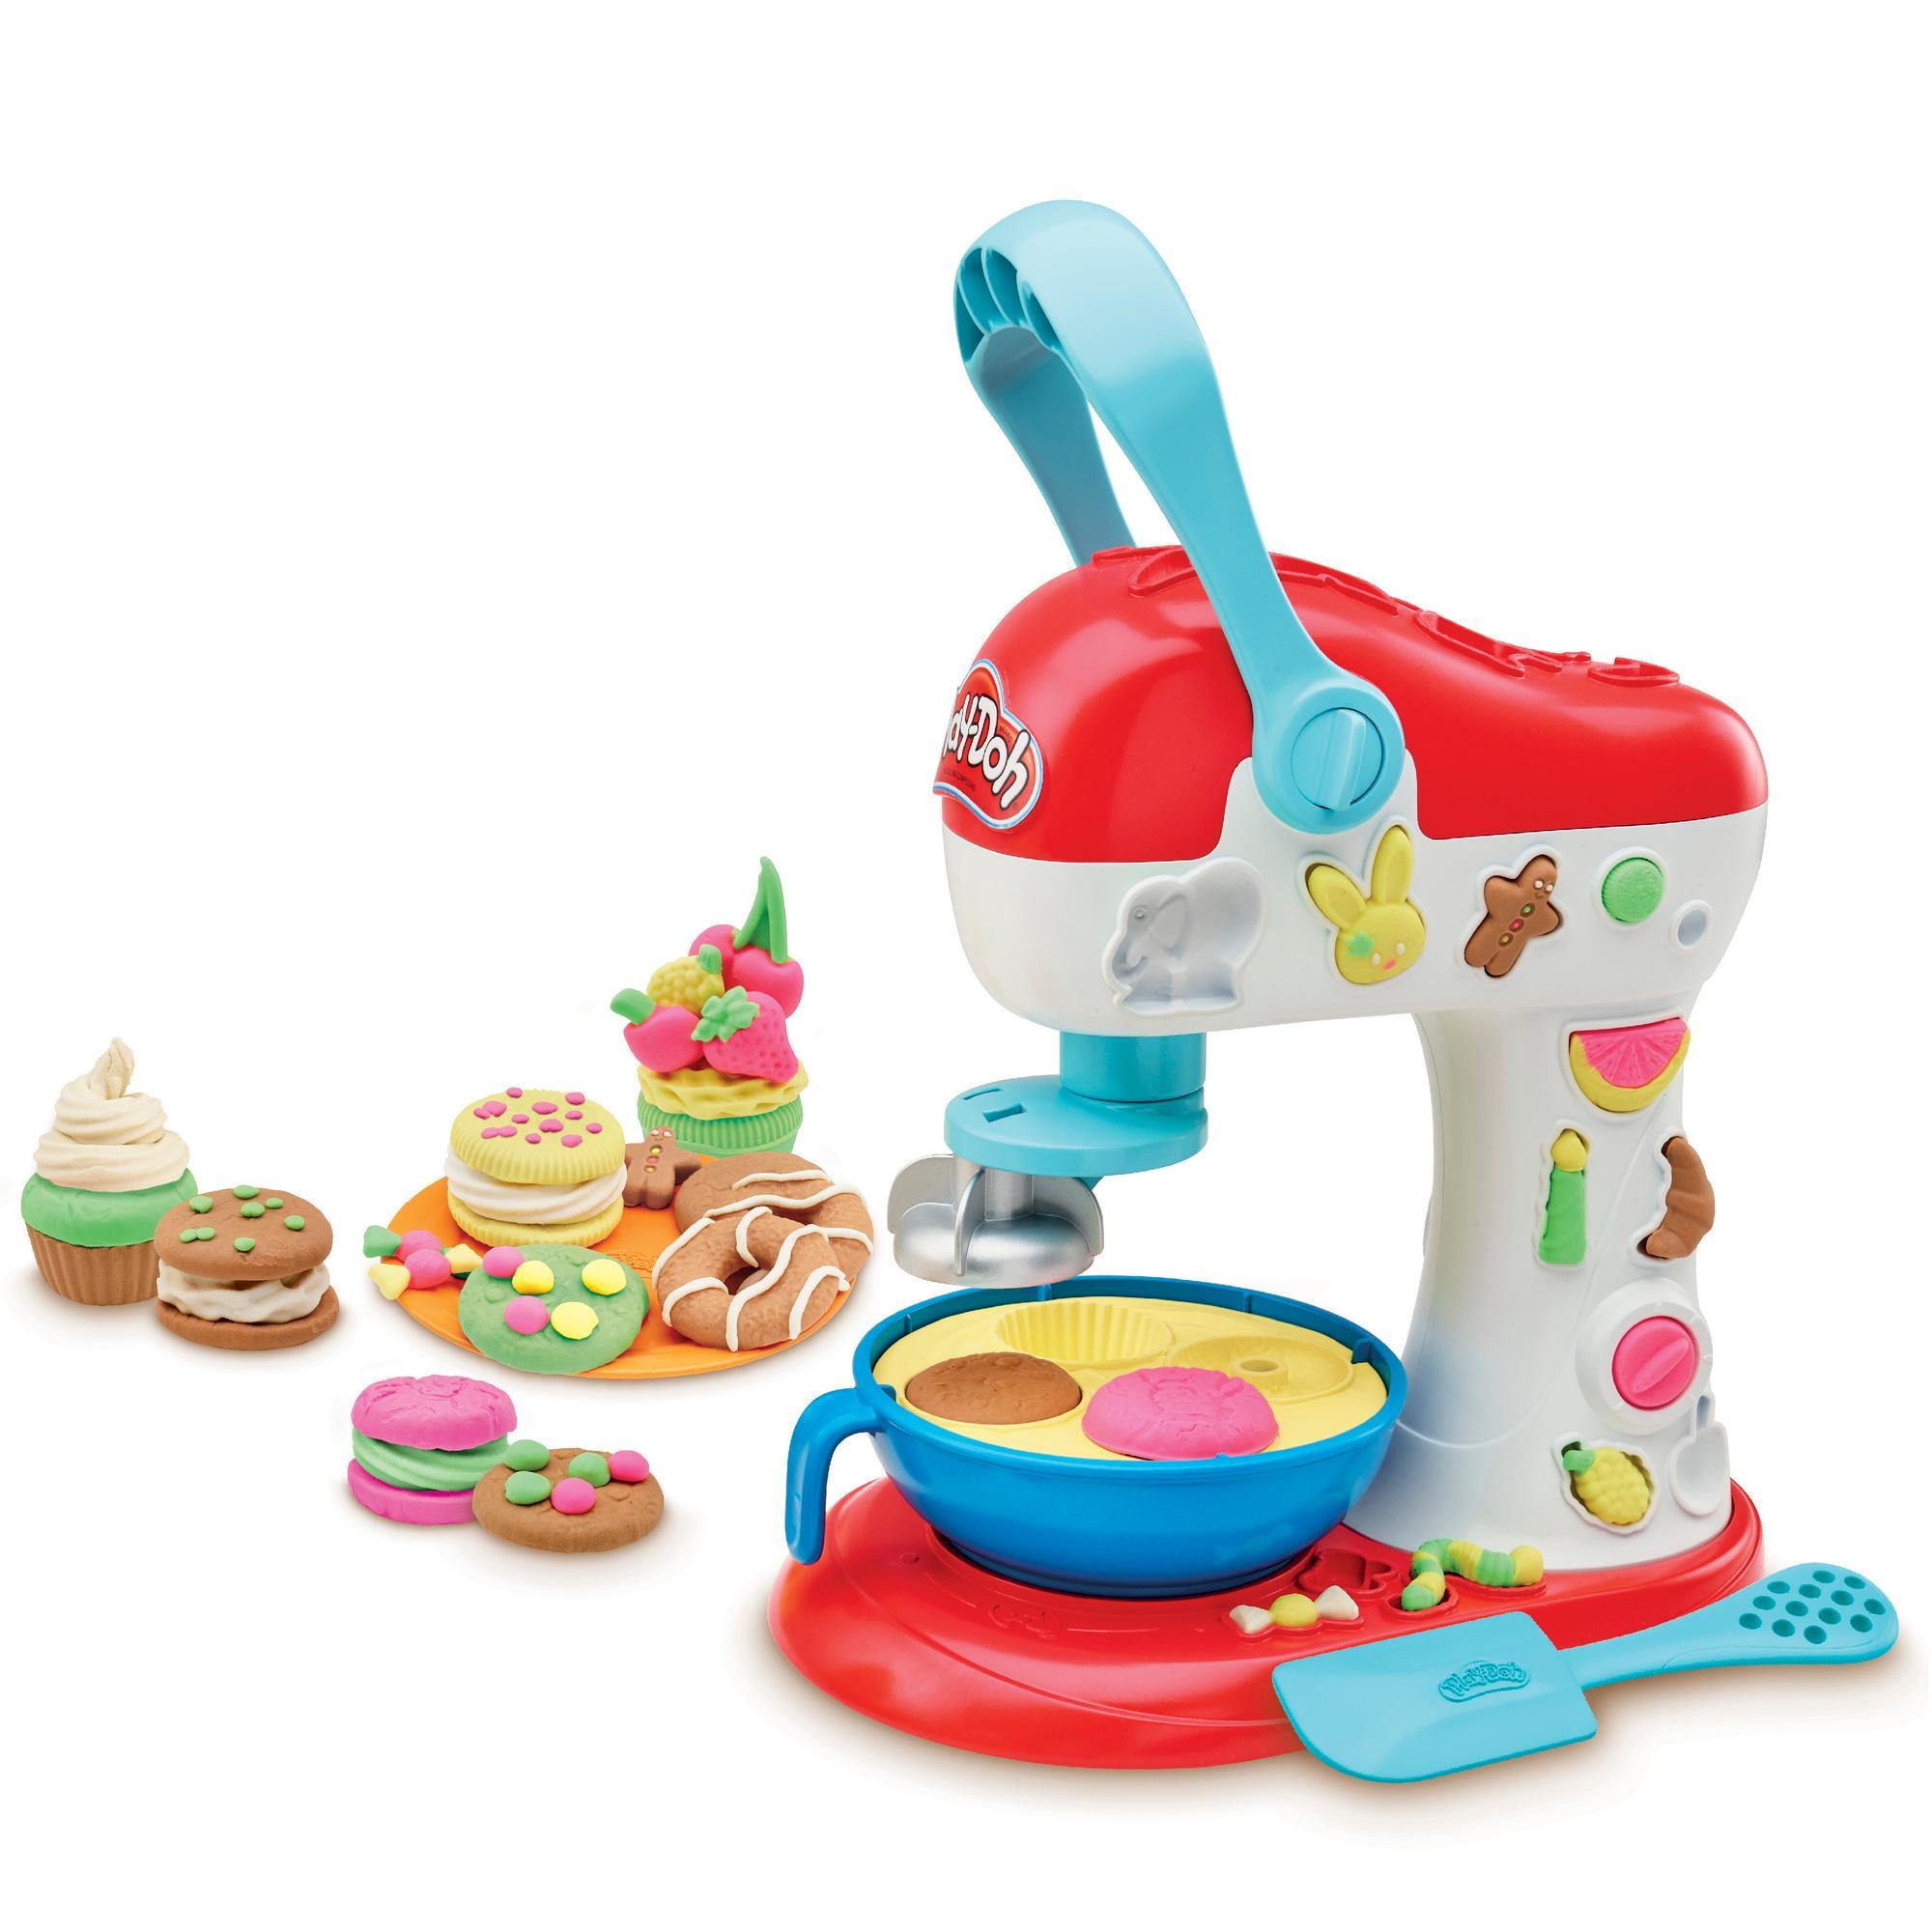 play doh treats mixer arts and crafts dough amazon canada. Black Bedroom Furniture Sets. Home Design Ideas